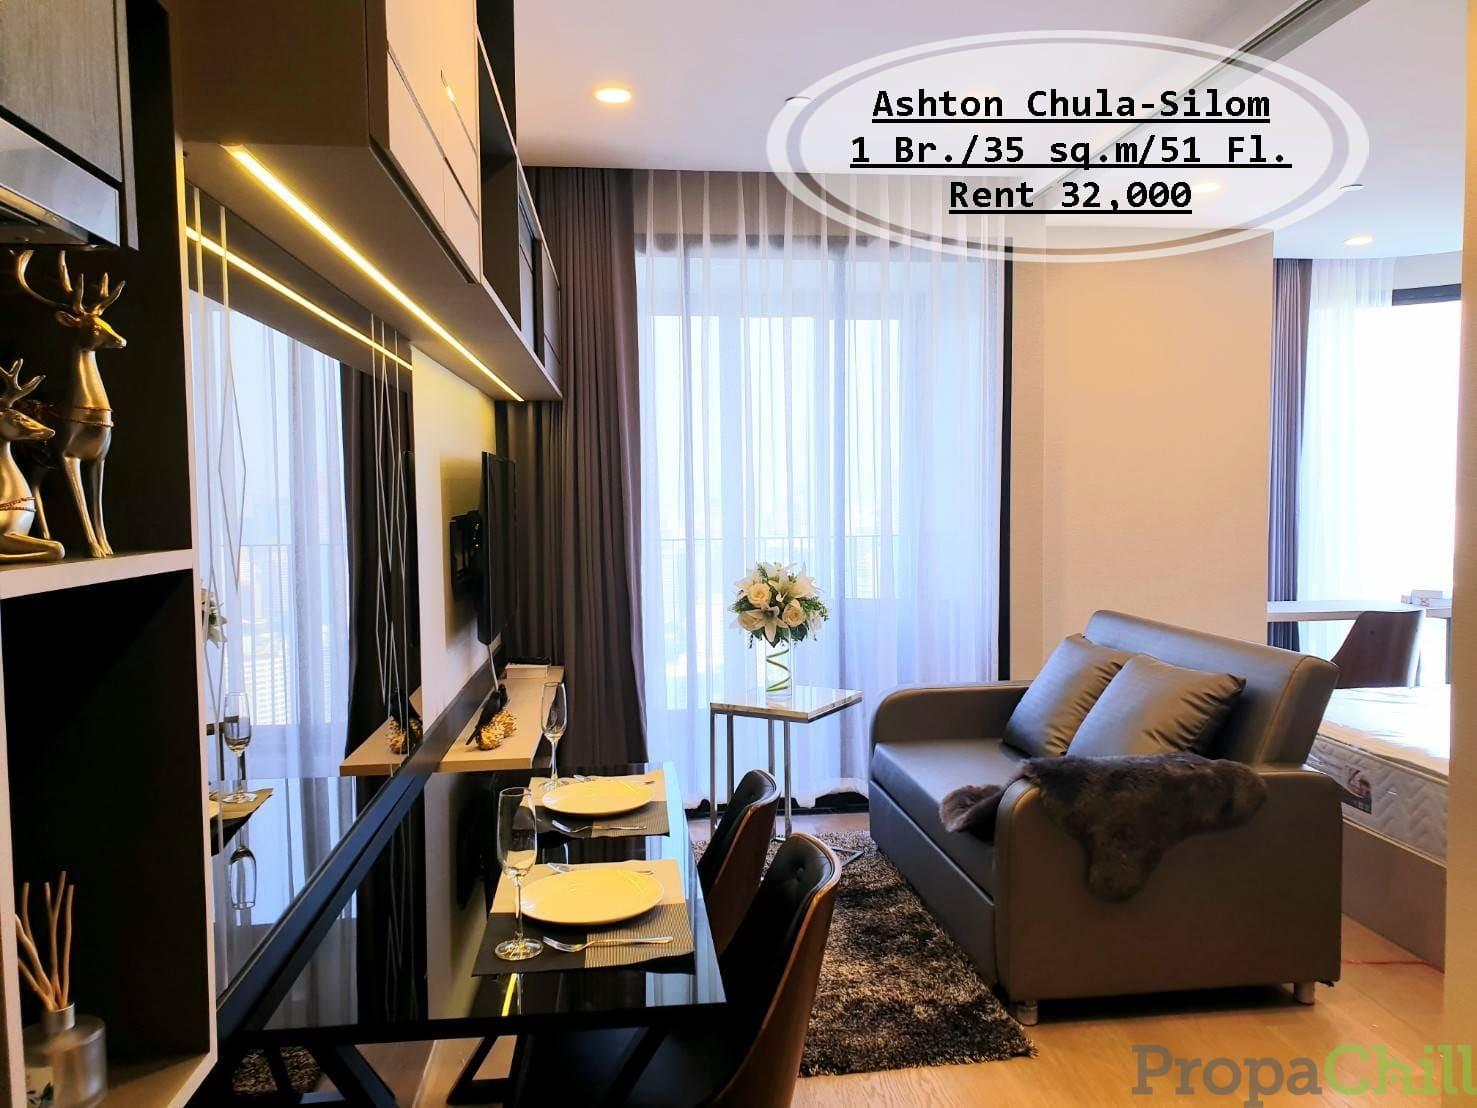 เช่า- Asthon จุฬา-สีลม/ 1นอน/ 35 ตรม. /ชั้น 51 /ใกล้ MRT  สามย่าน/ เช่า 32,000 บ.